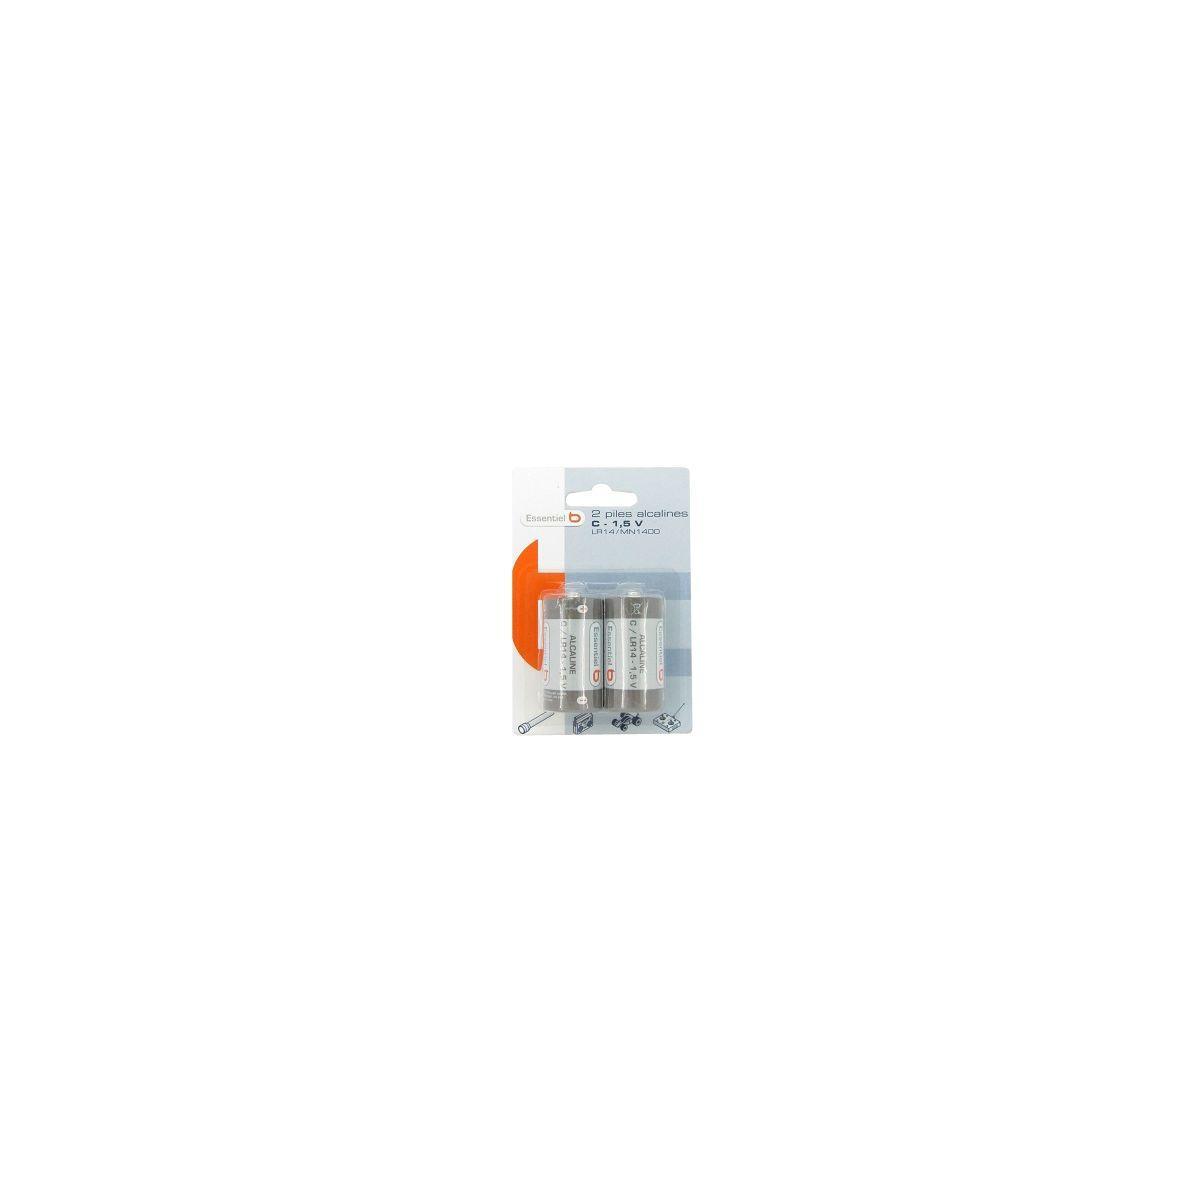 Pile non rechargeable essentielb c (lr14) x 2 (photo)